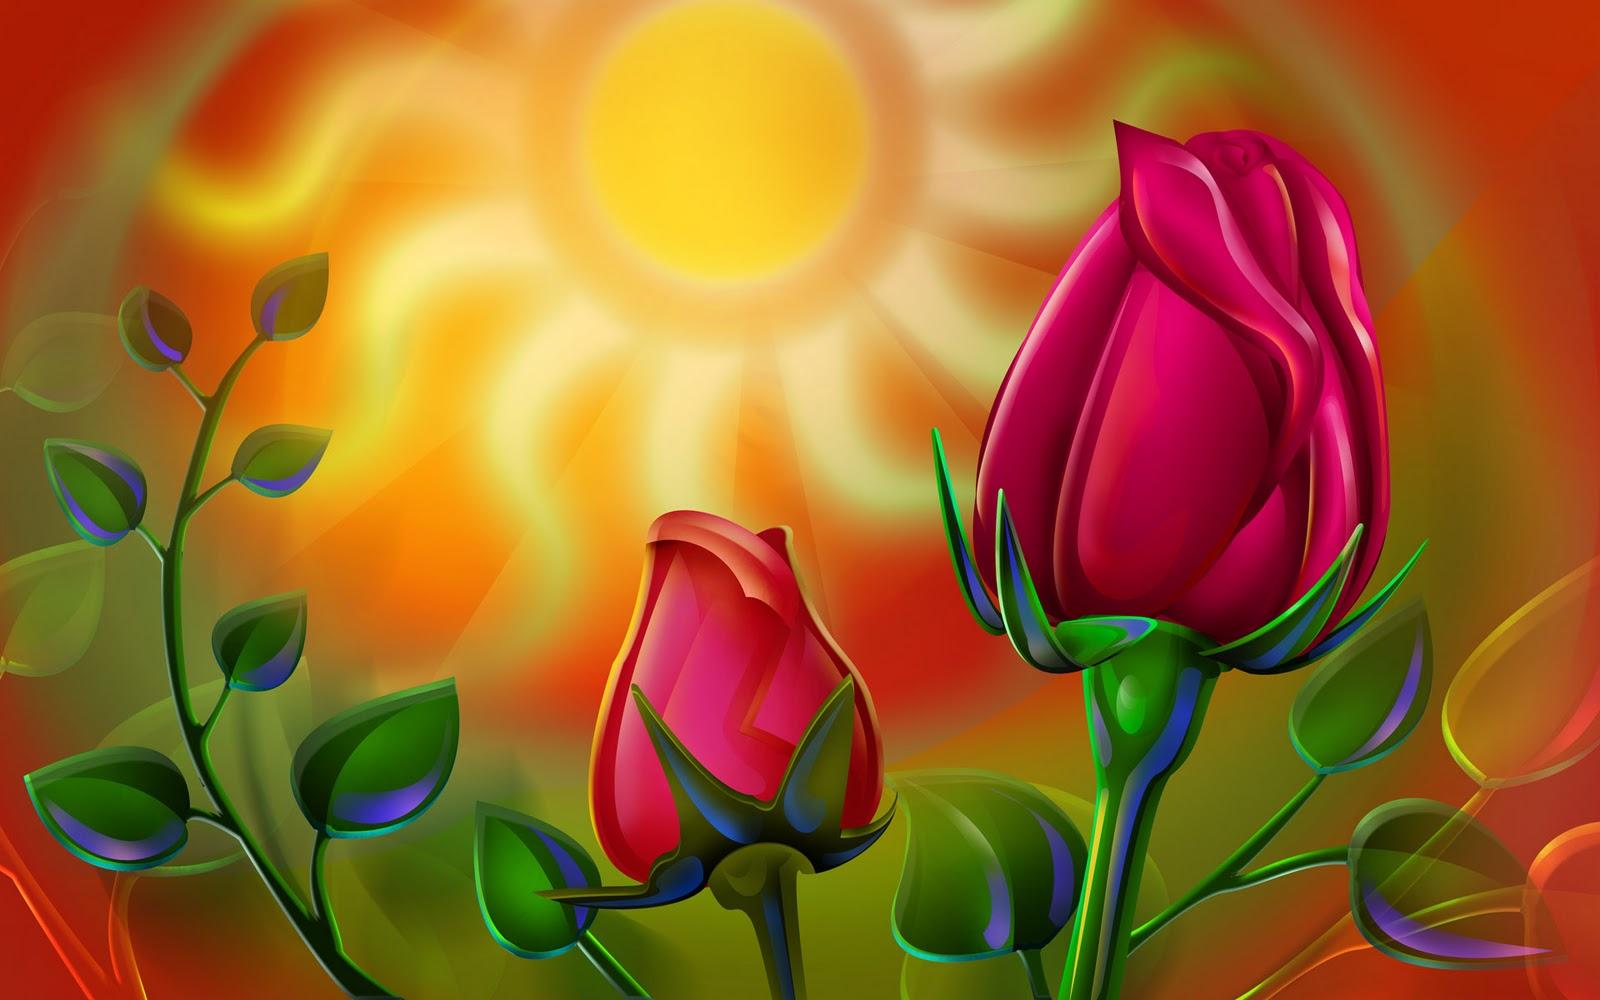 рисунок, красные розы на фоне солнца, скачать фото